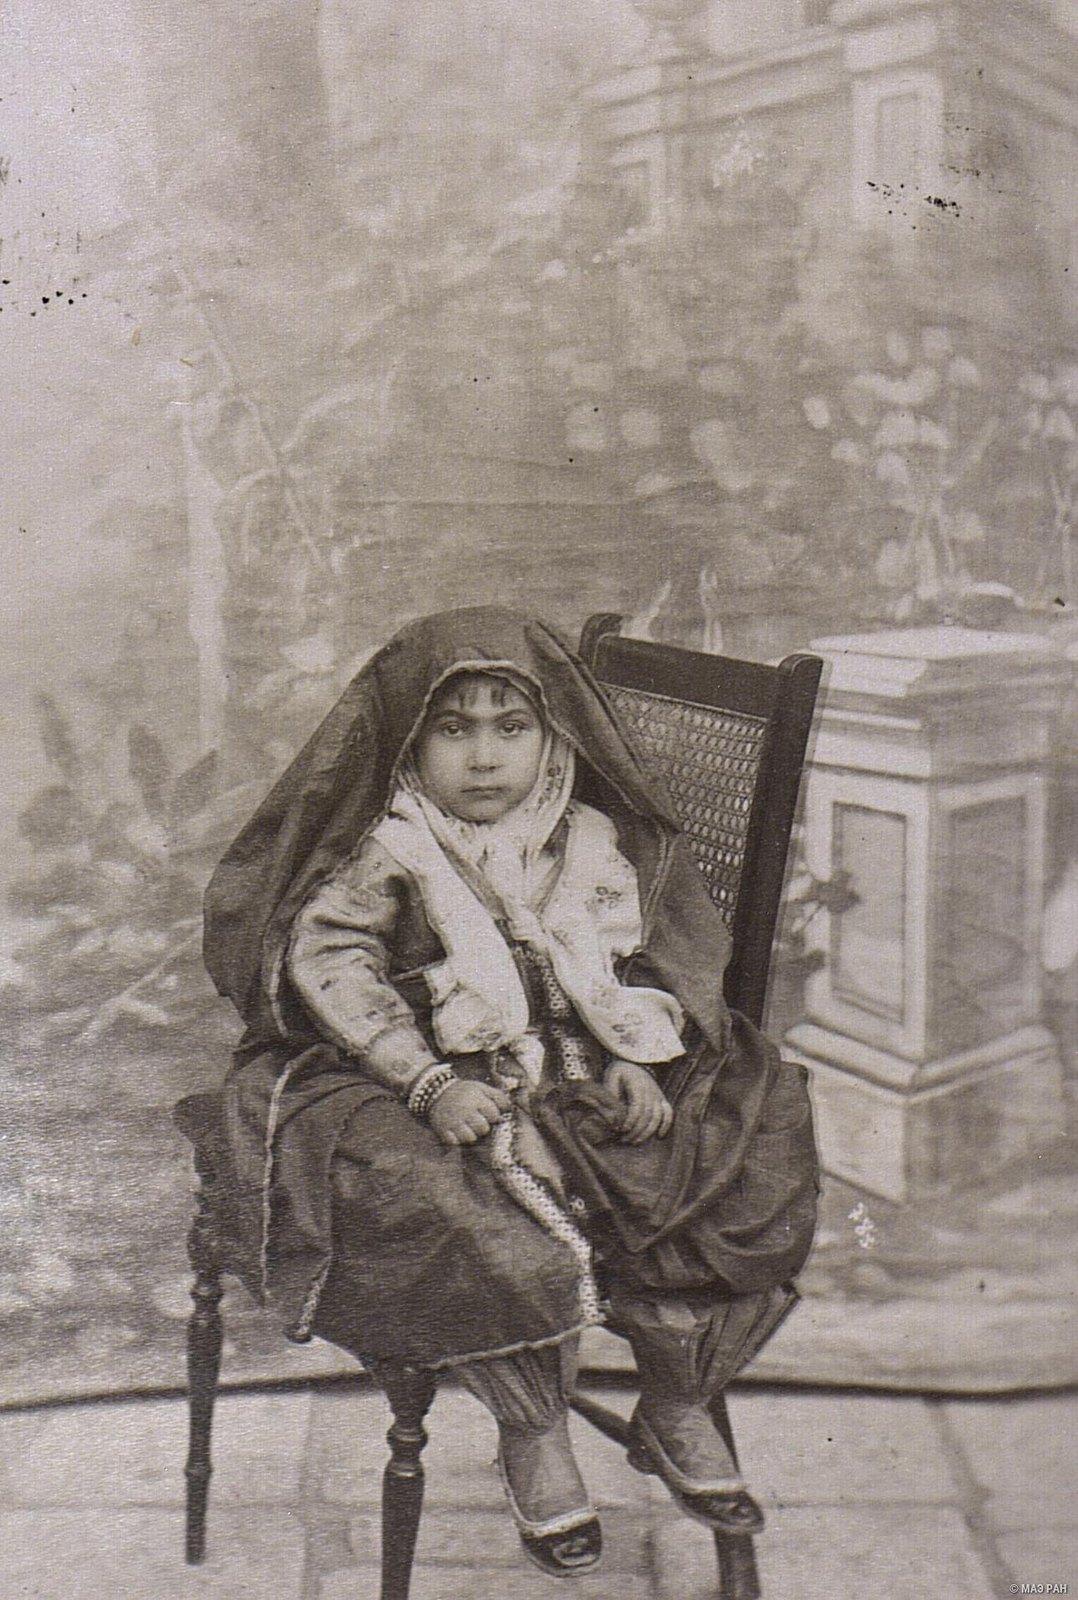 Девочка в костюме взрослой женщины